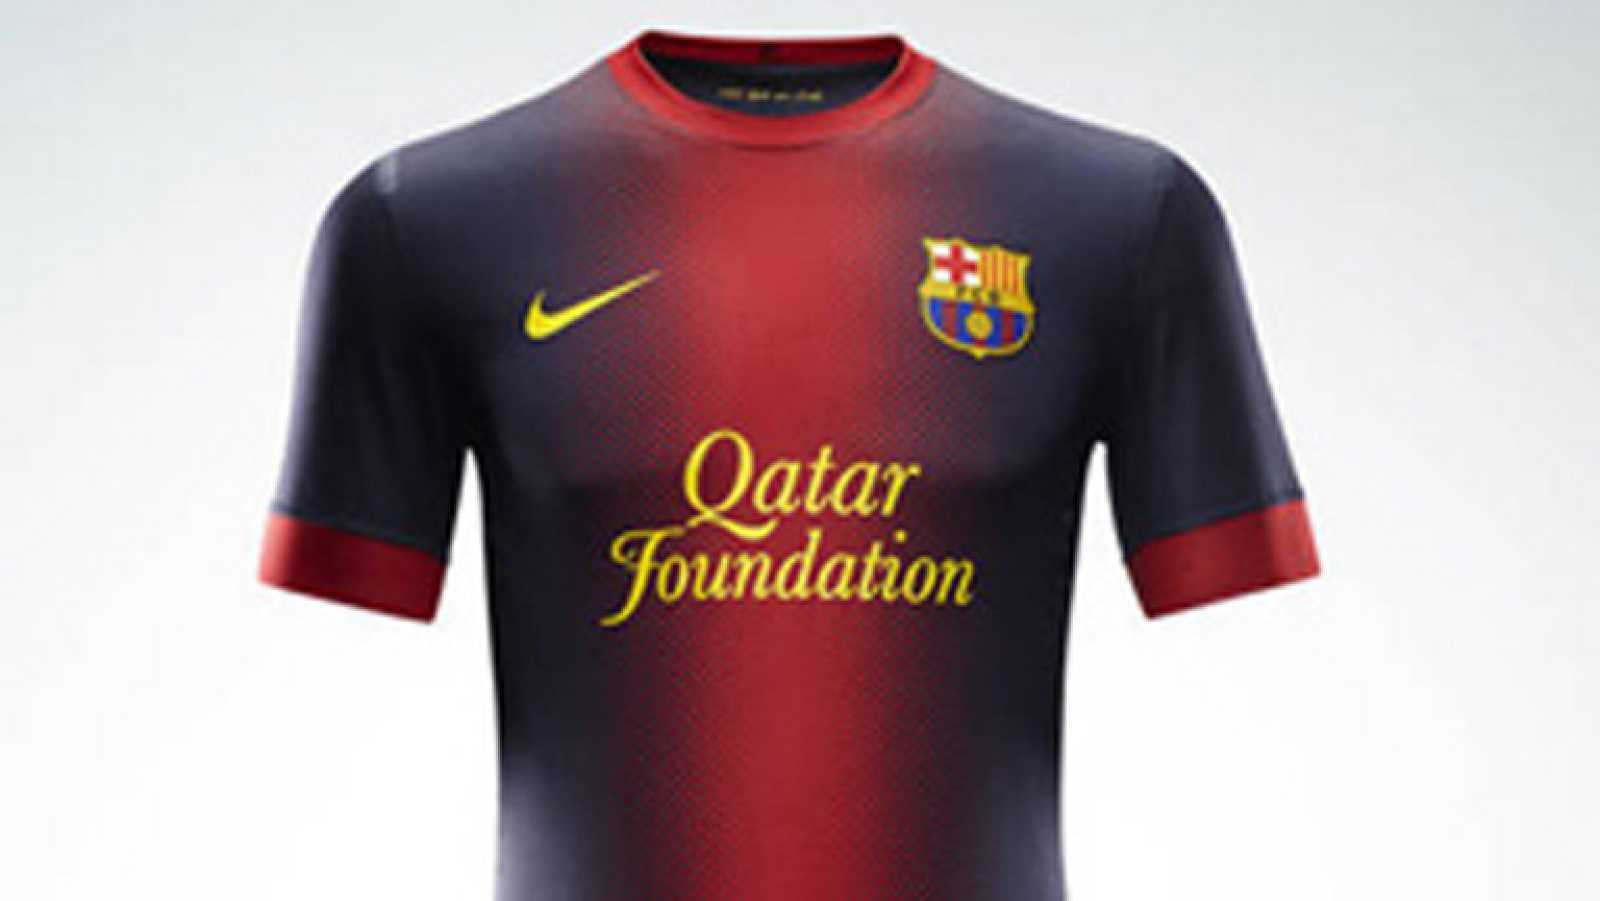 Para todos los públicos El Barça presenta su nueva equipación reproducir  video f77552ef879cc